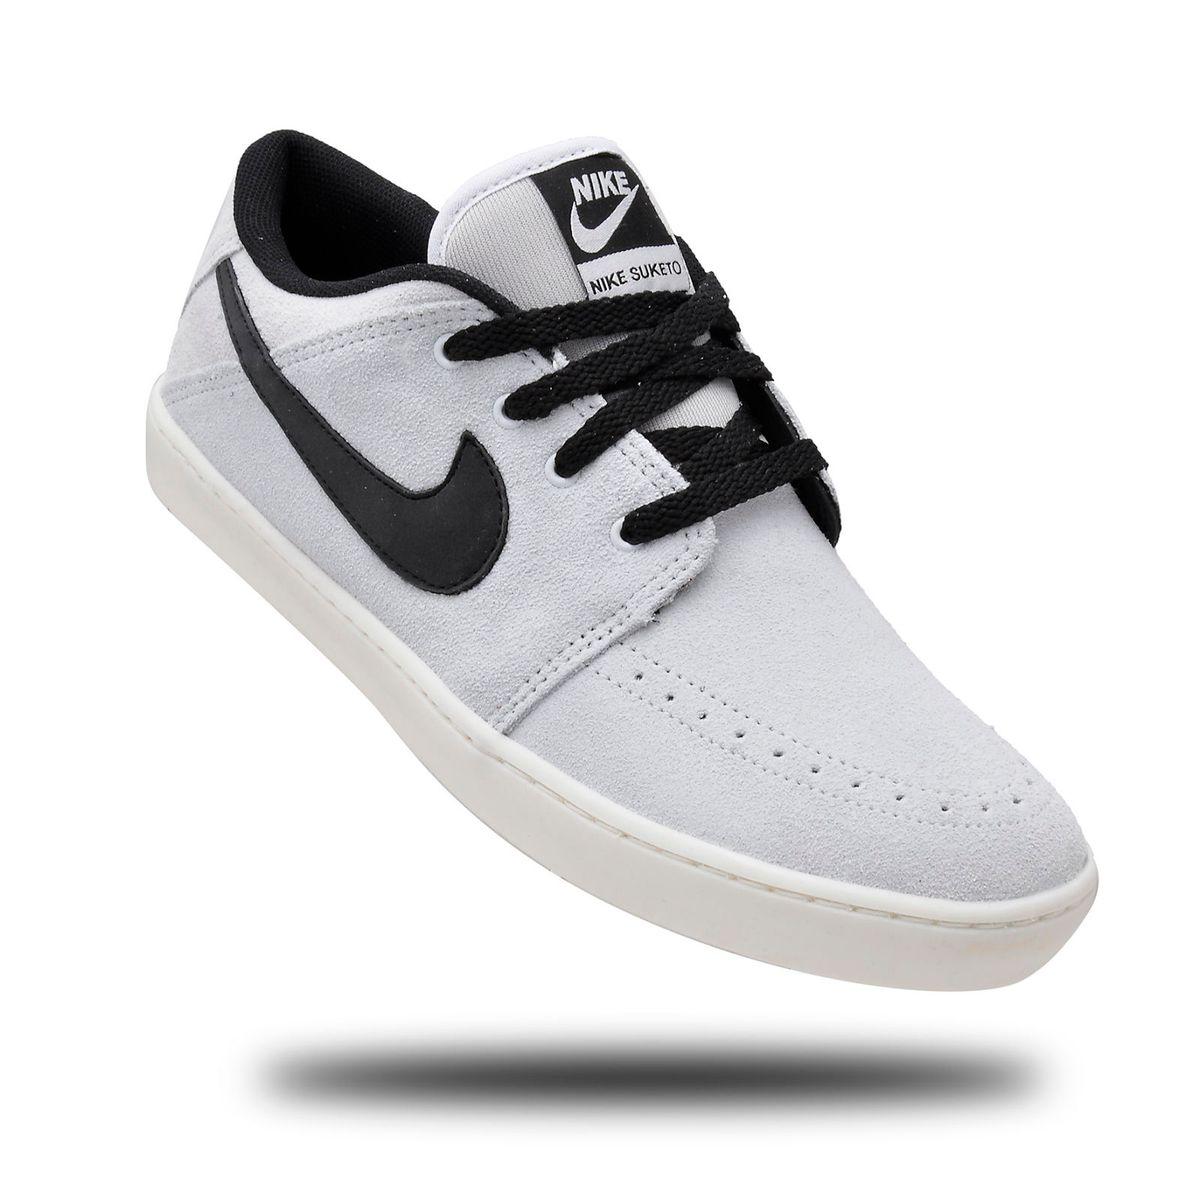 d8ef1502715 Tênis Nike Suketo Leather C. Baixo Alvejado 43 + Frete Grátis ...